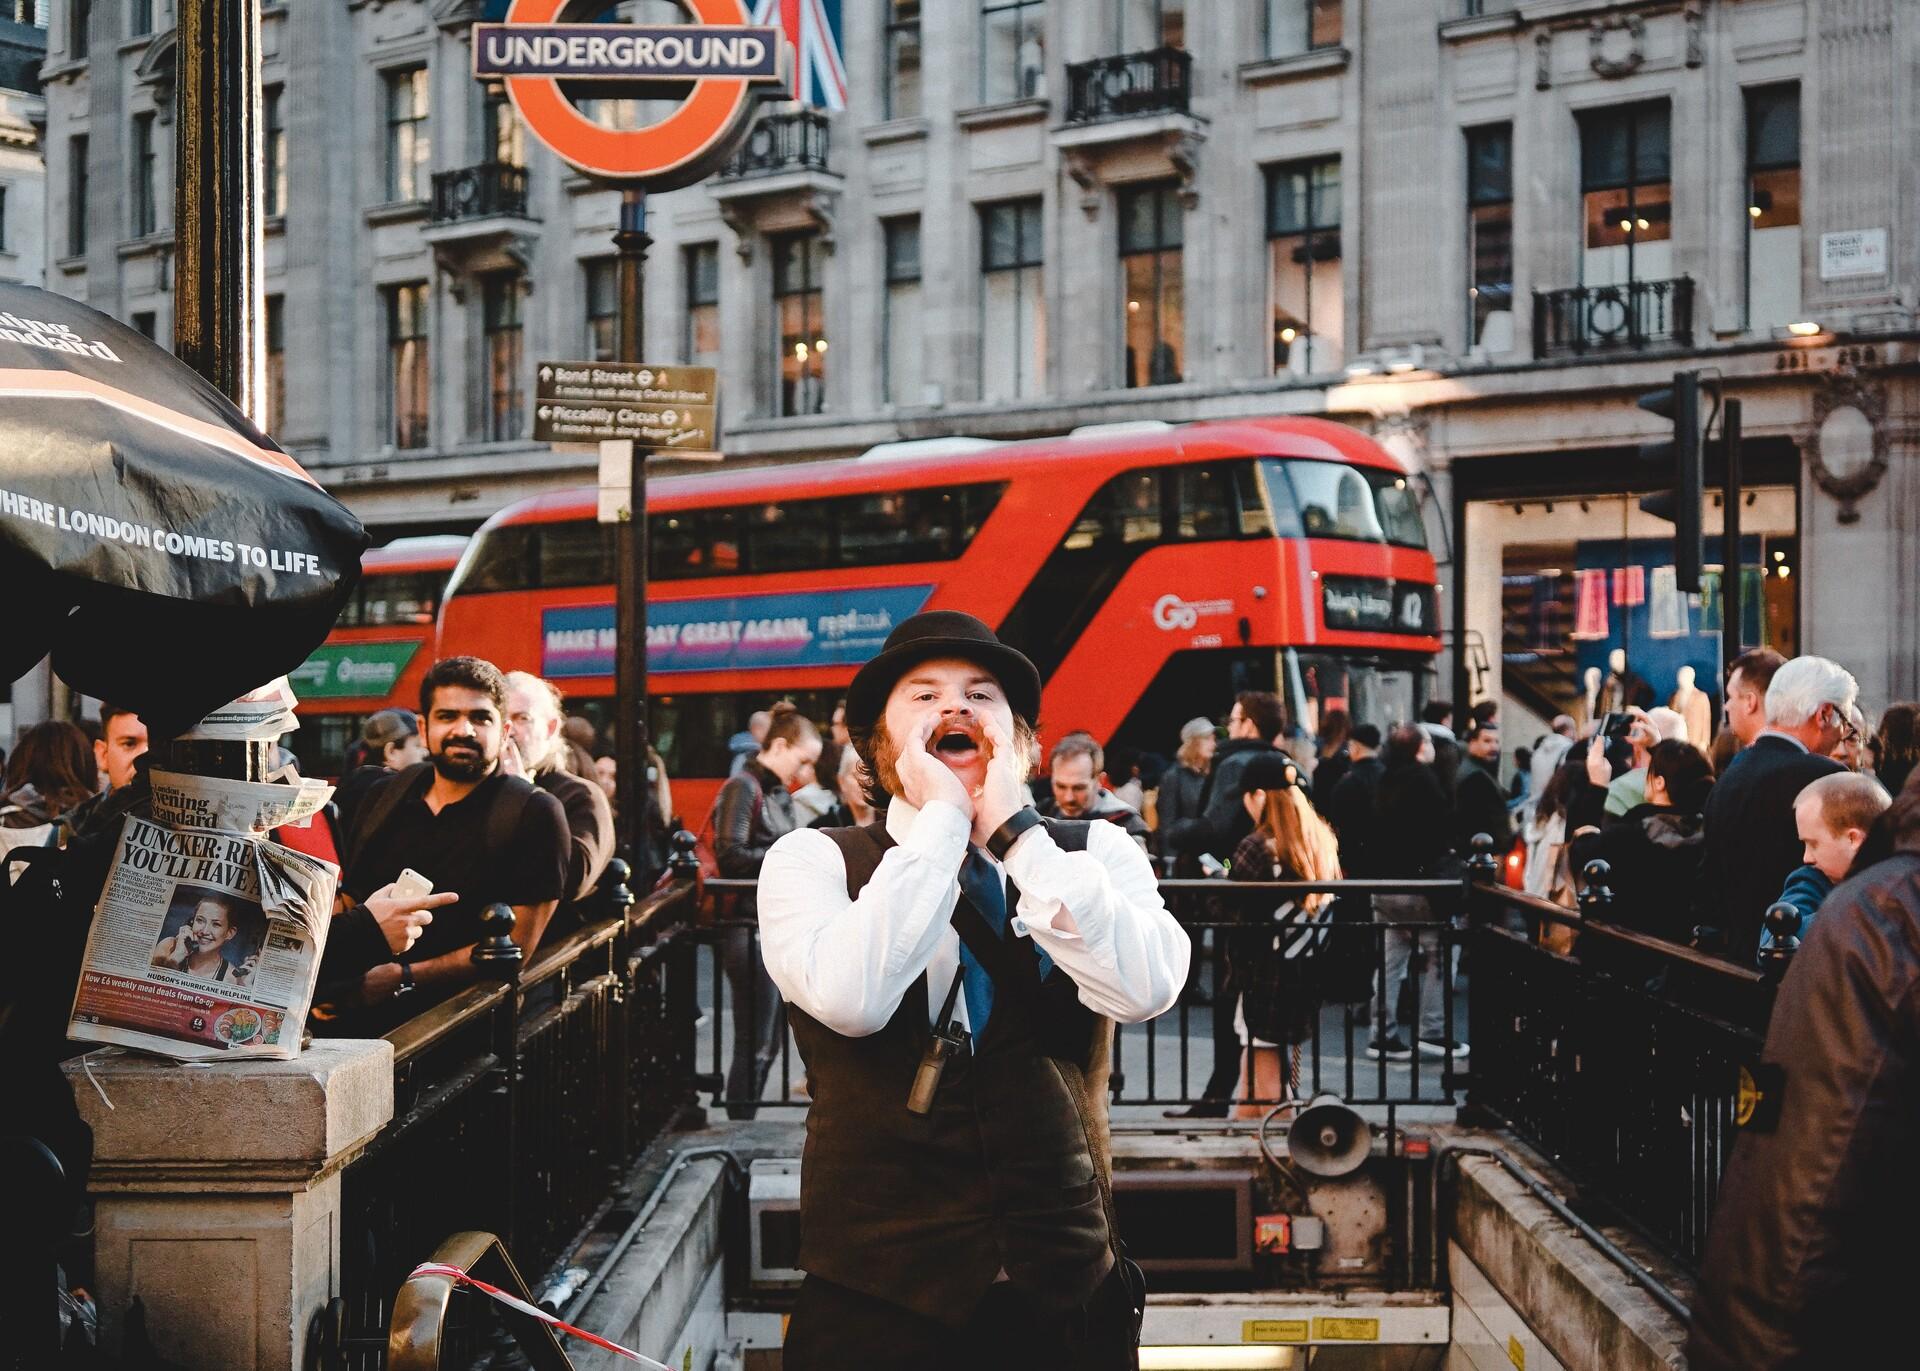 Transporte público en Londres - Moverse por Londres